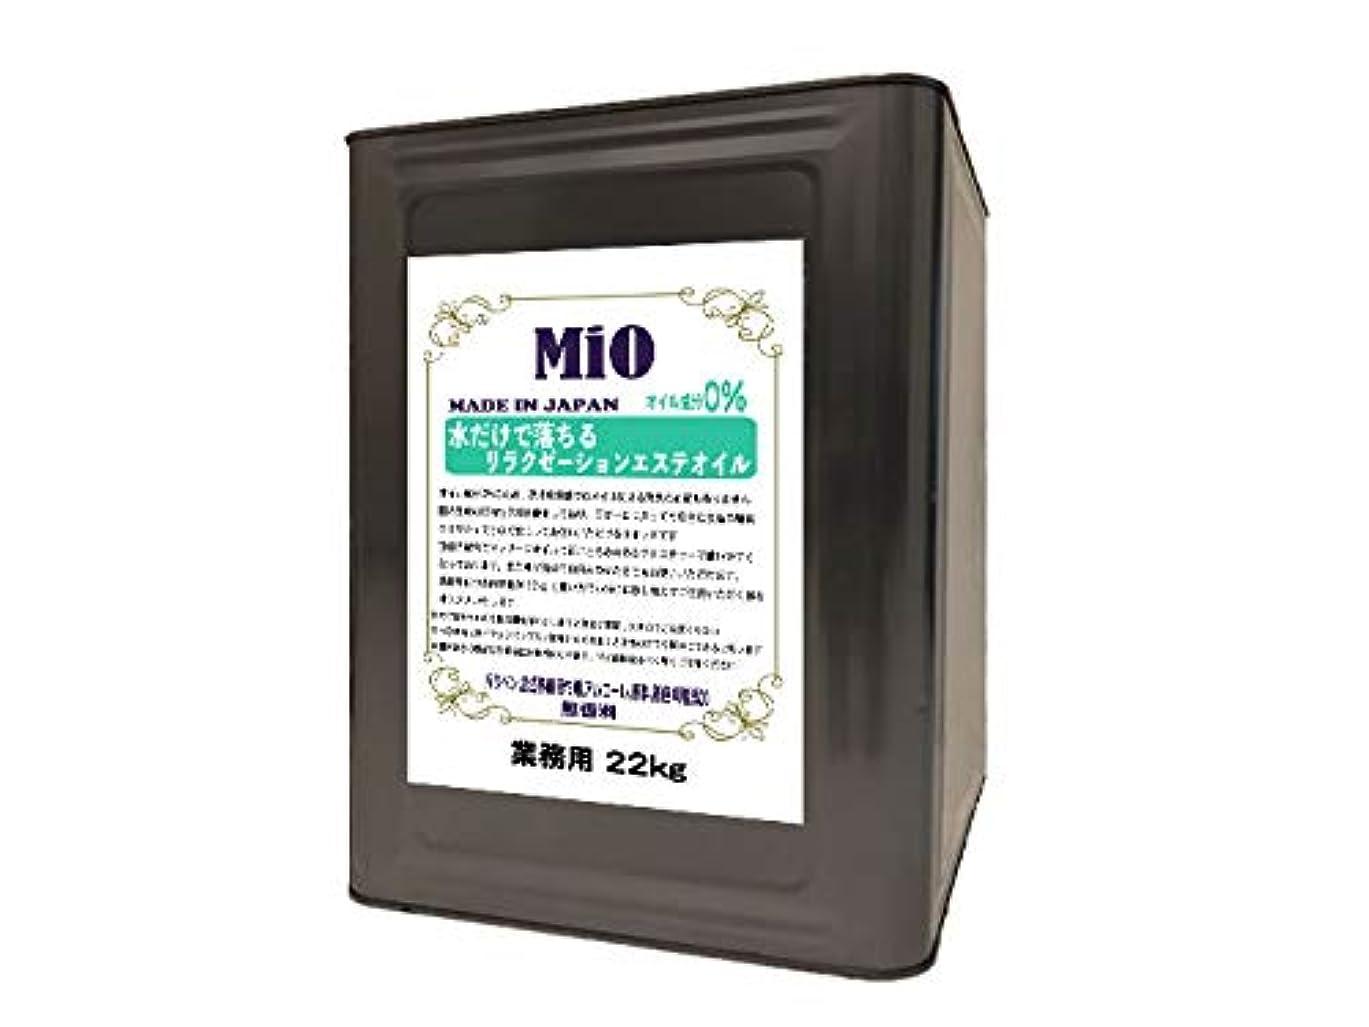 人生を作る聖人特に【最安値】水で落ちるオイルMiO マッサージ エステ リラクゼーション 業務用22kg 水溶性 無香料